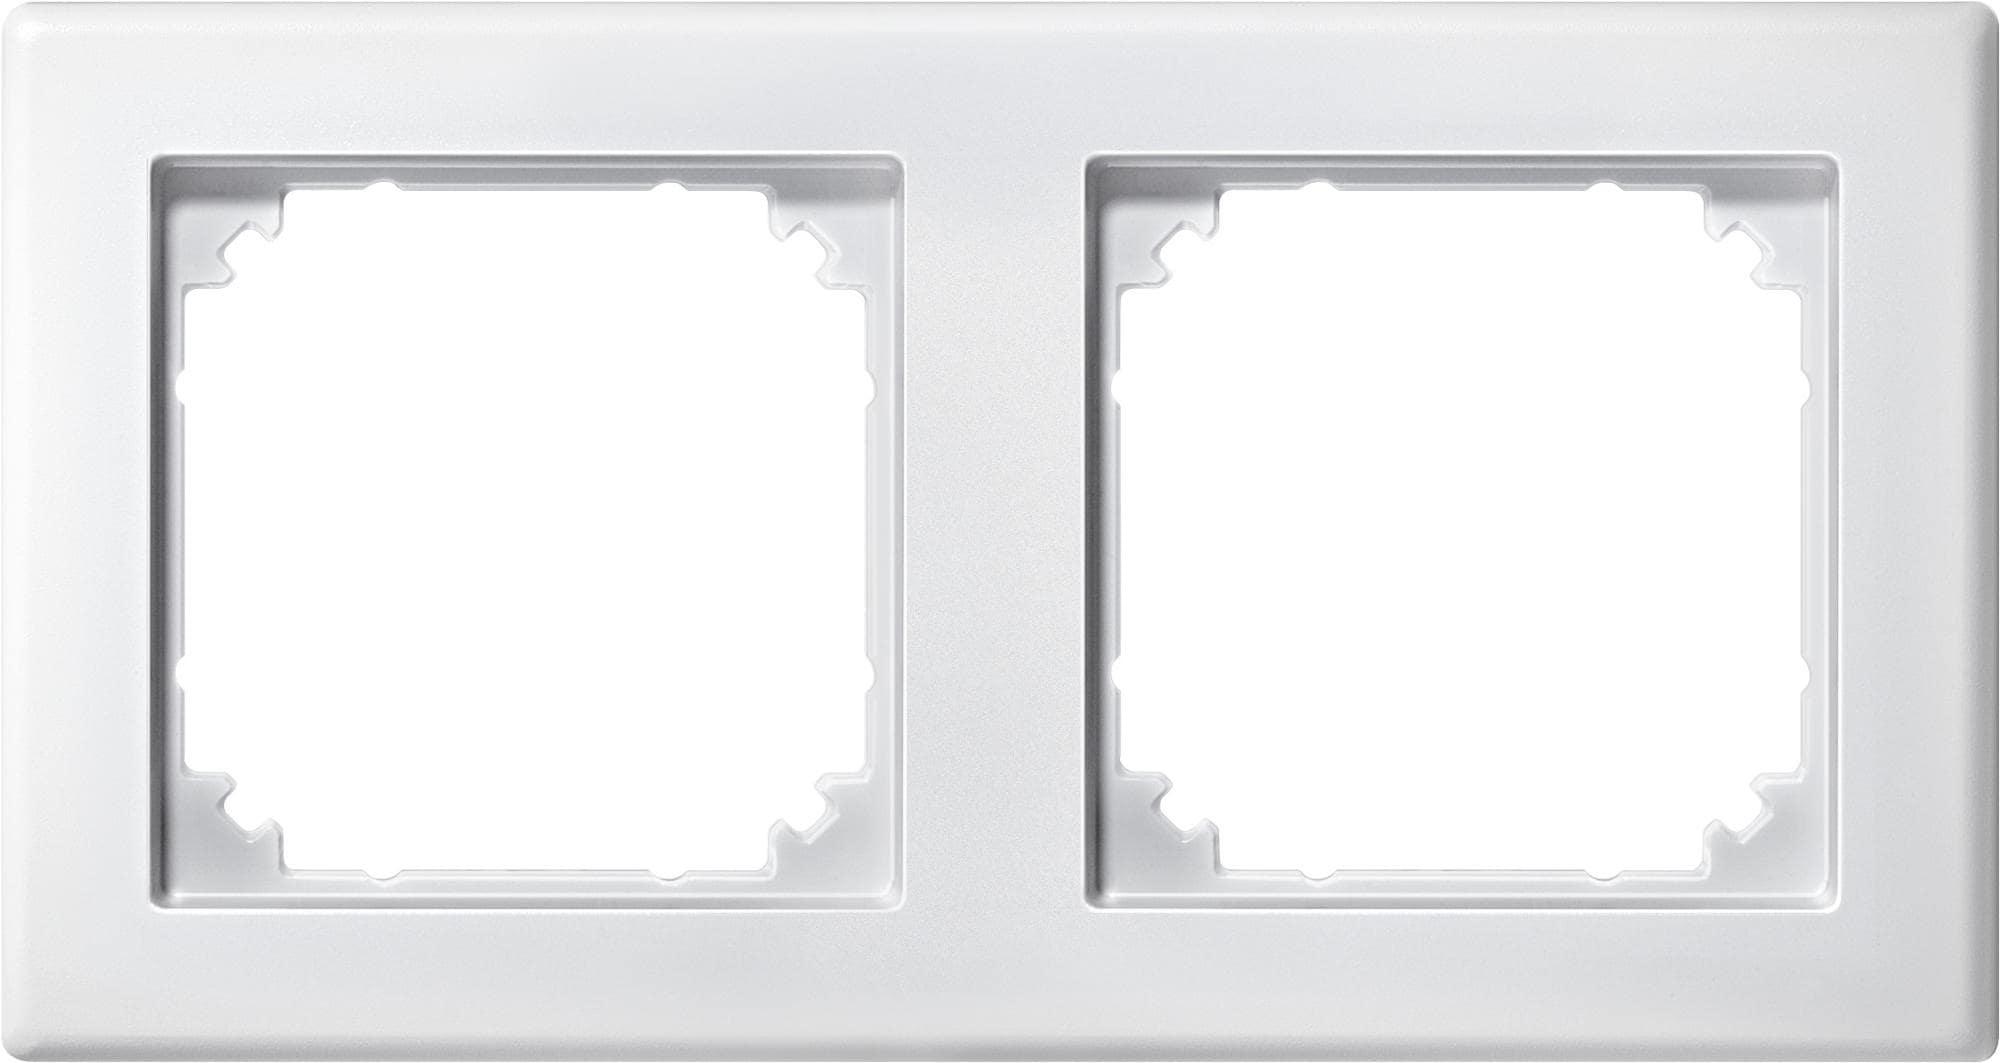 2fach rahmen merten 484219 m smart polarwei matt von. Black Bedroom Furniture Sets. Home Design Ideas